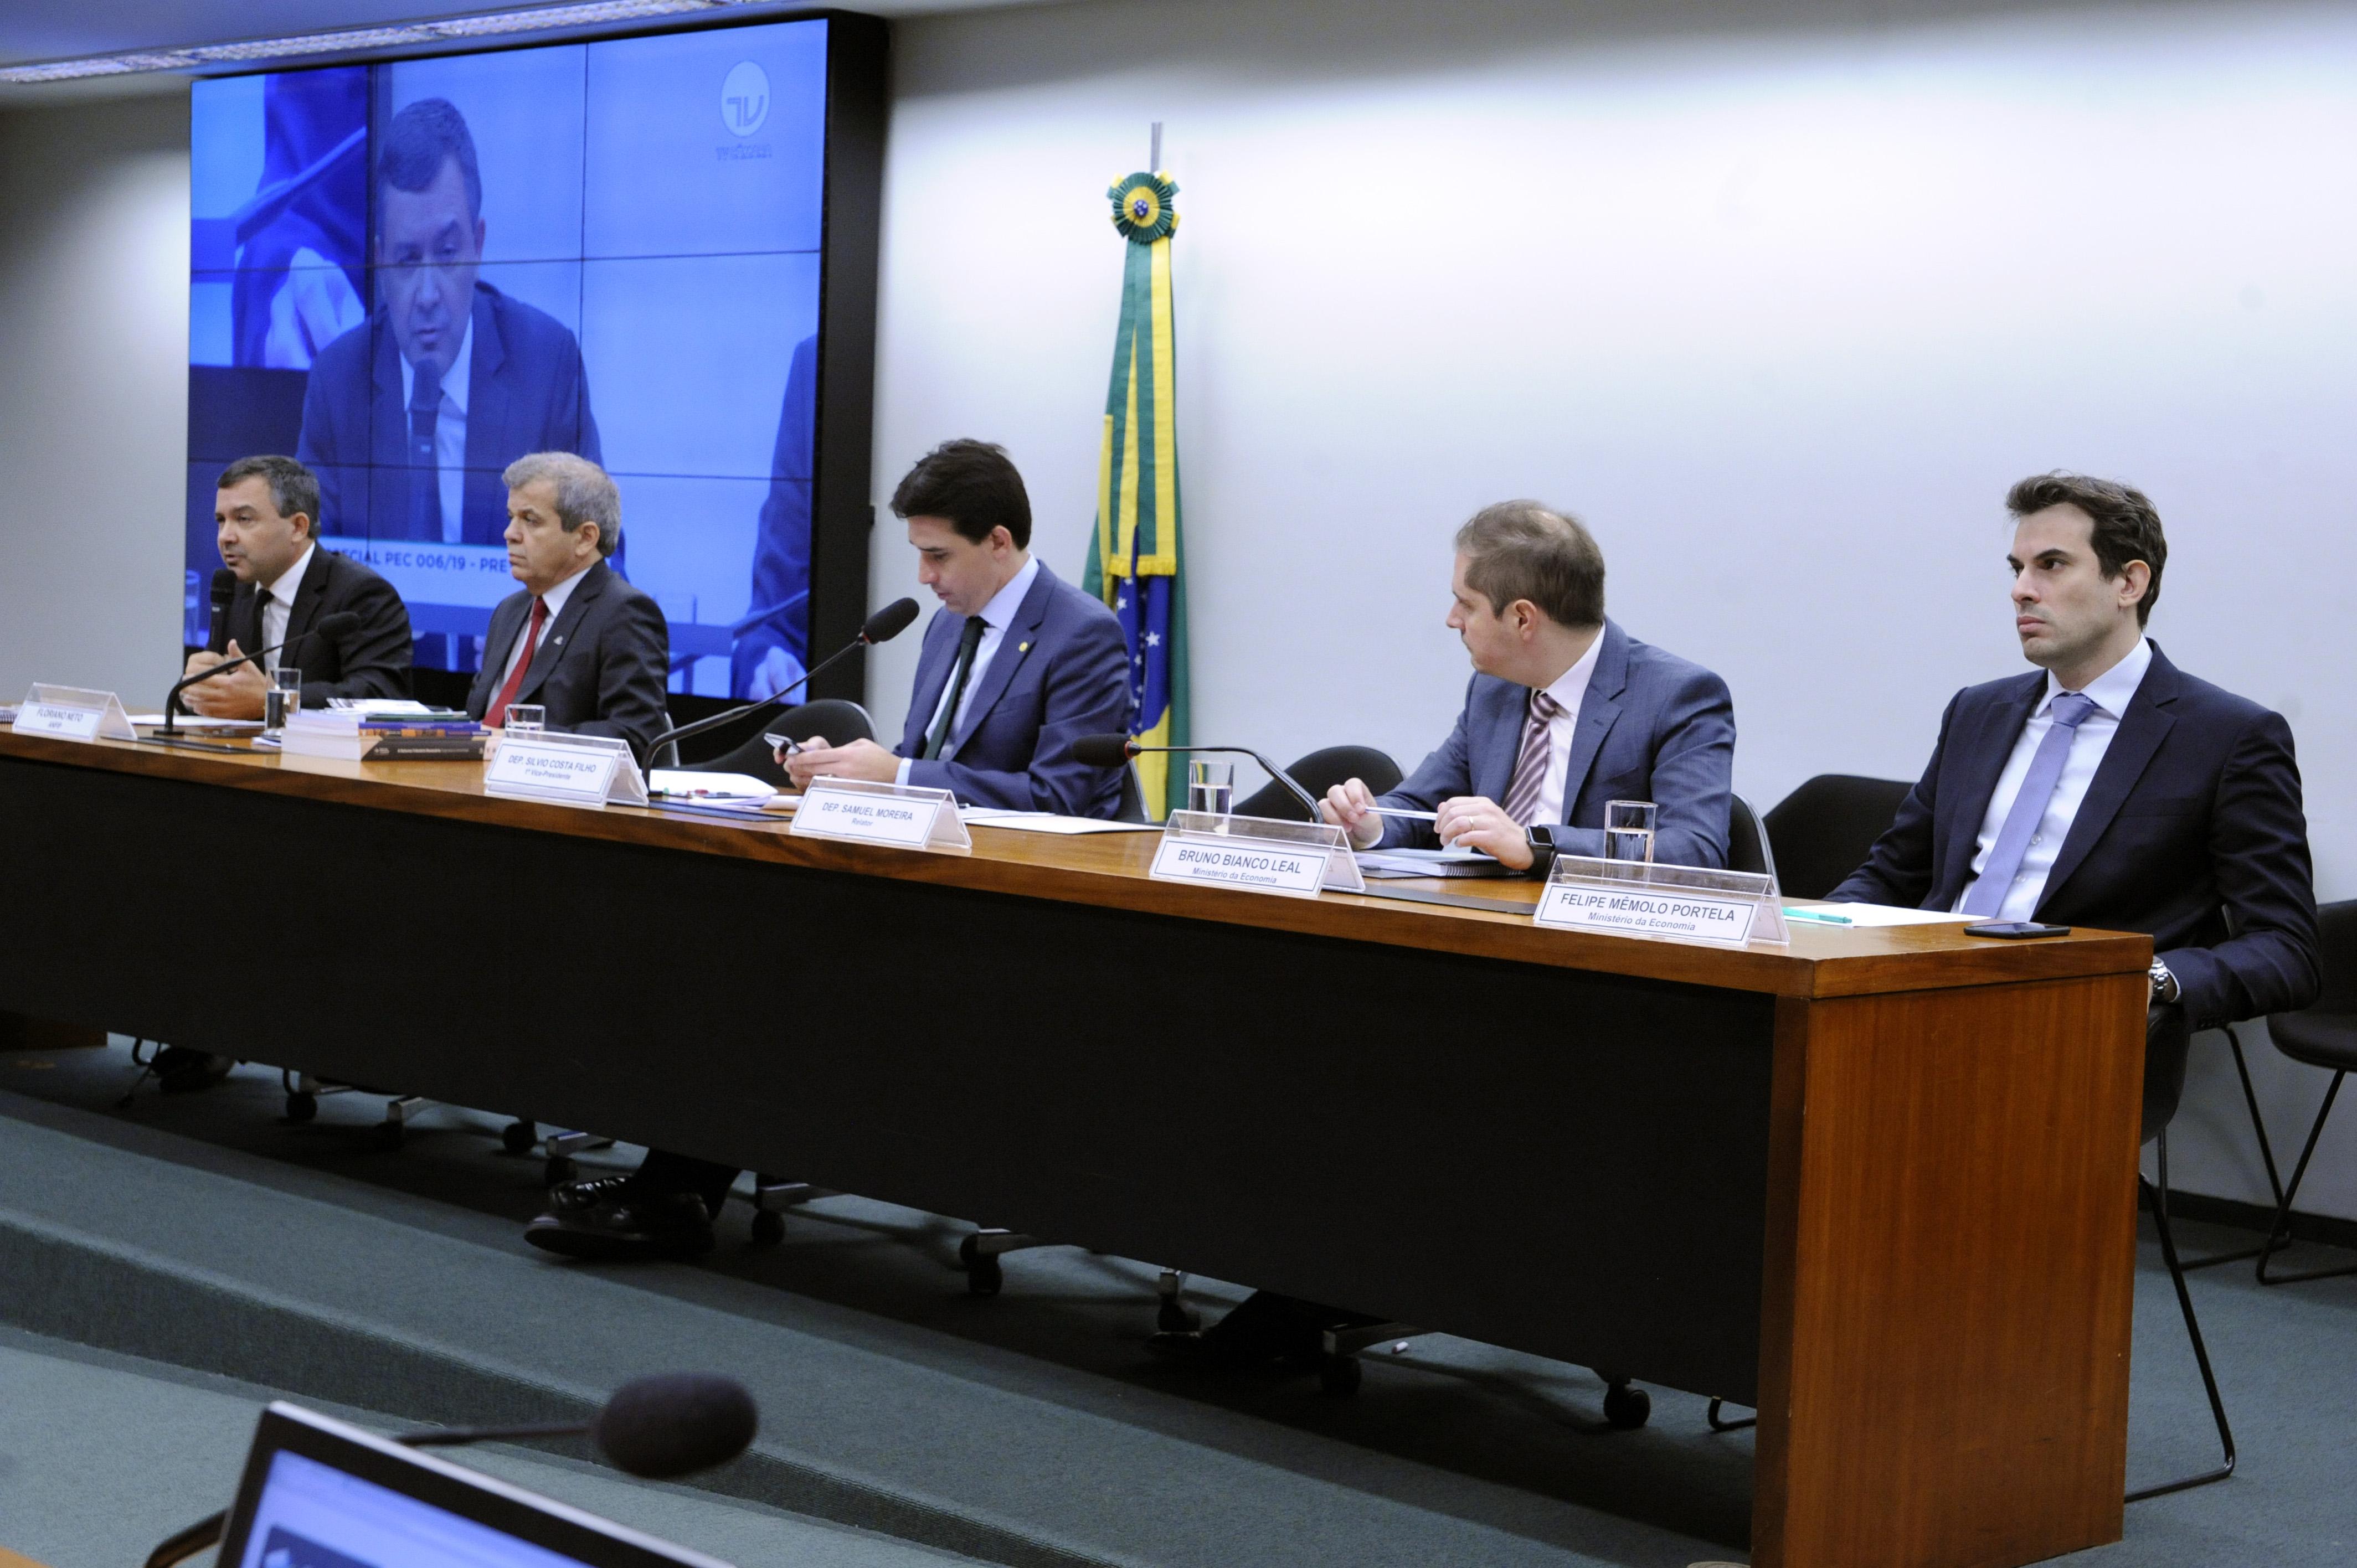 Debatedores sugerem mesmo pedágio para militares, servidores civis e trabalhadores em geral na reforma da Previdência